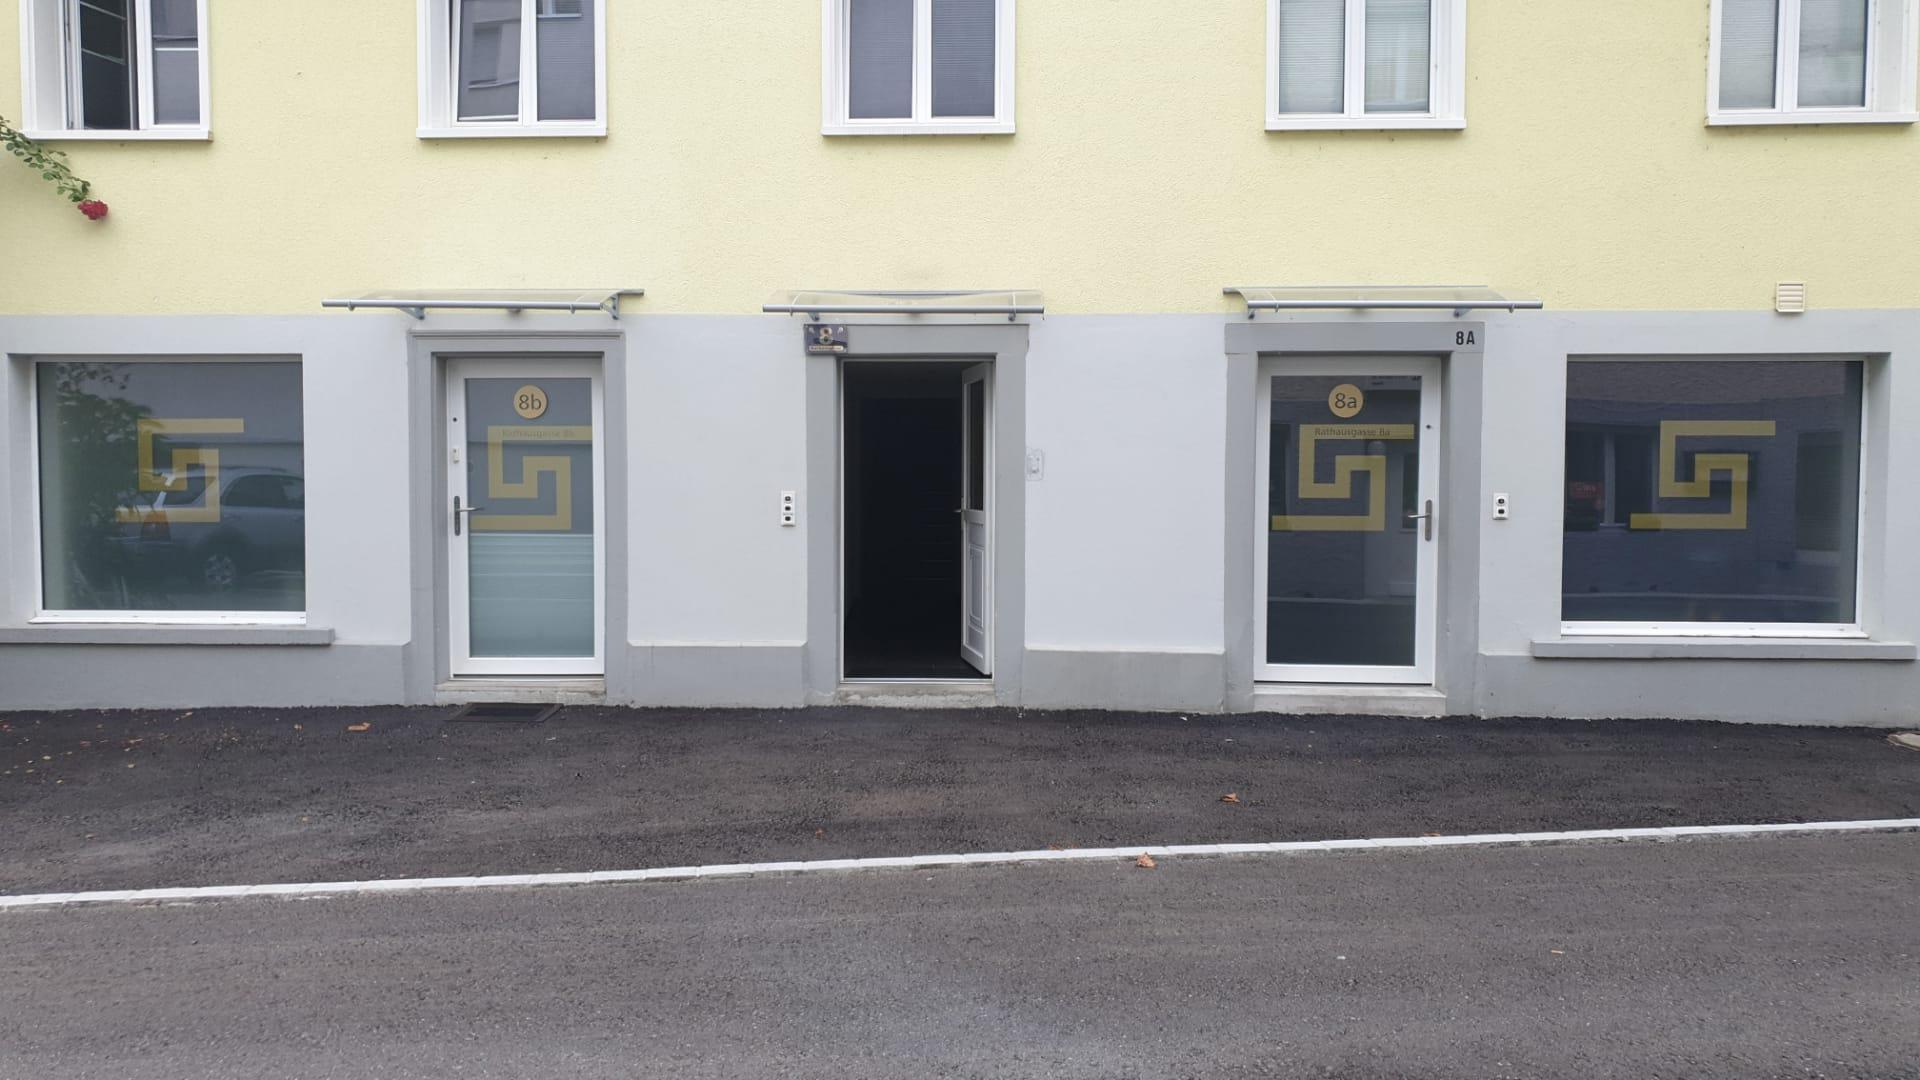 3 Doppelzimmer Ferienwohnung  Am Bodensee 8A